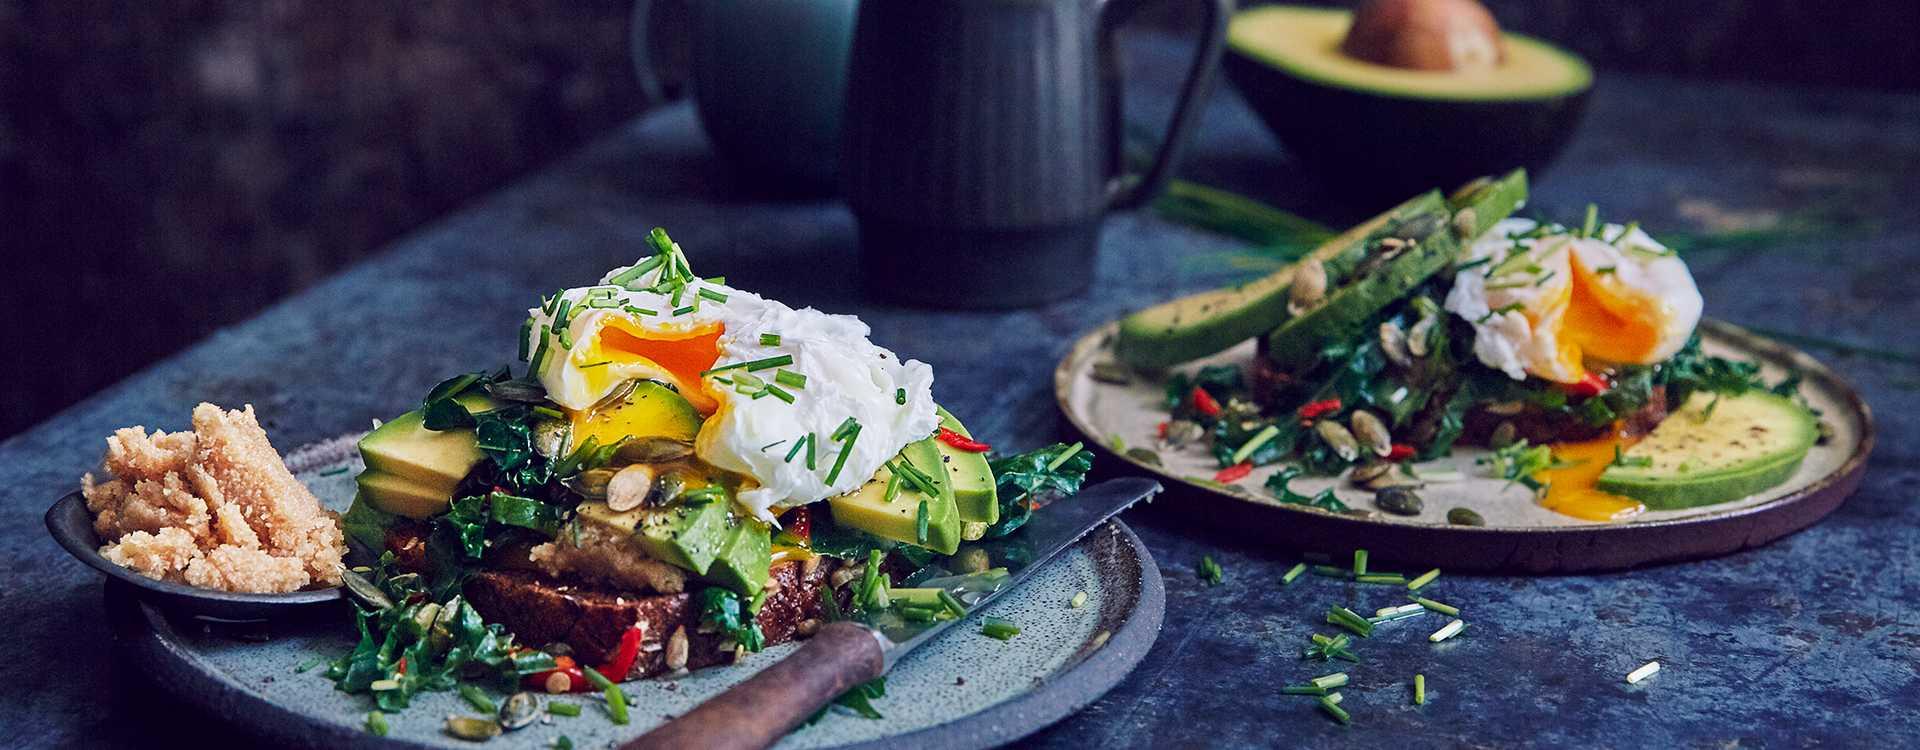 Bruschetta med avokado, grønnkål og egg